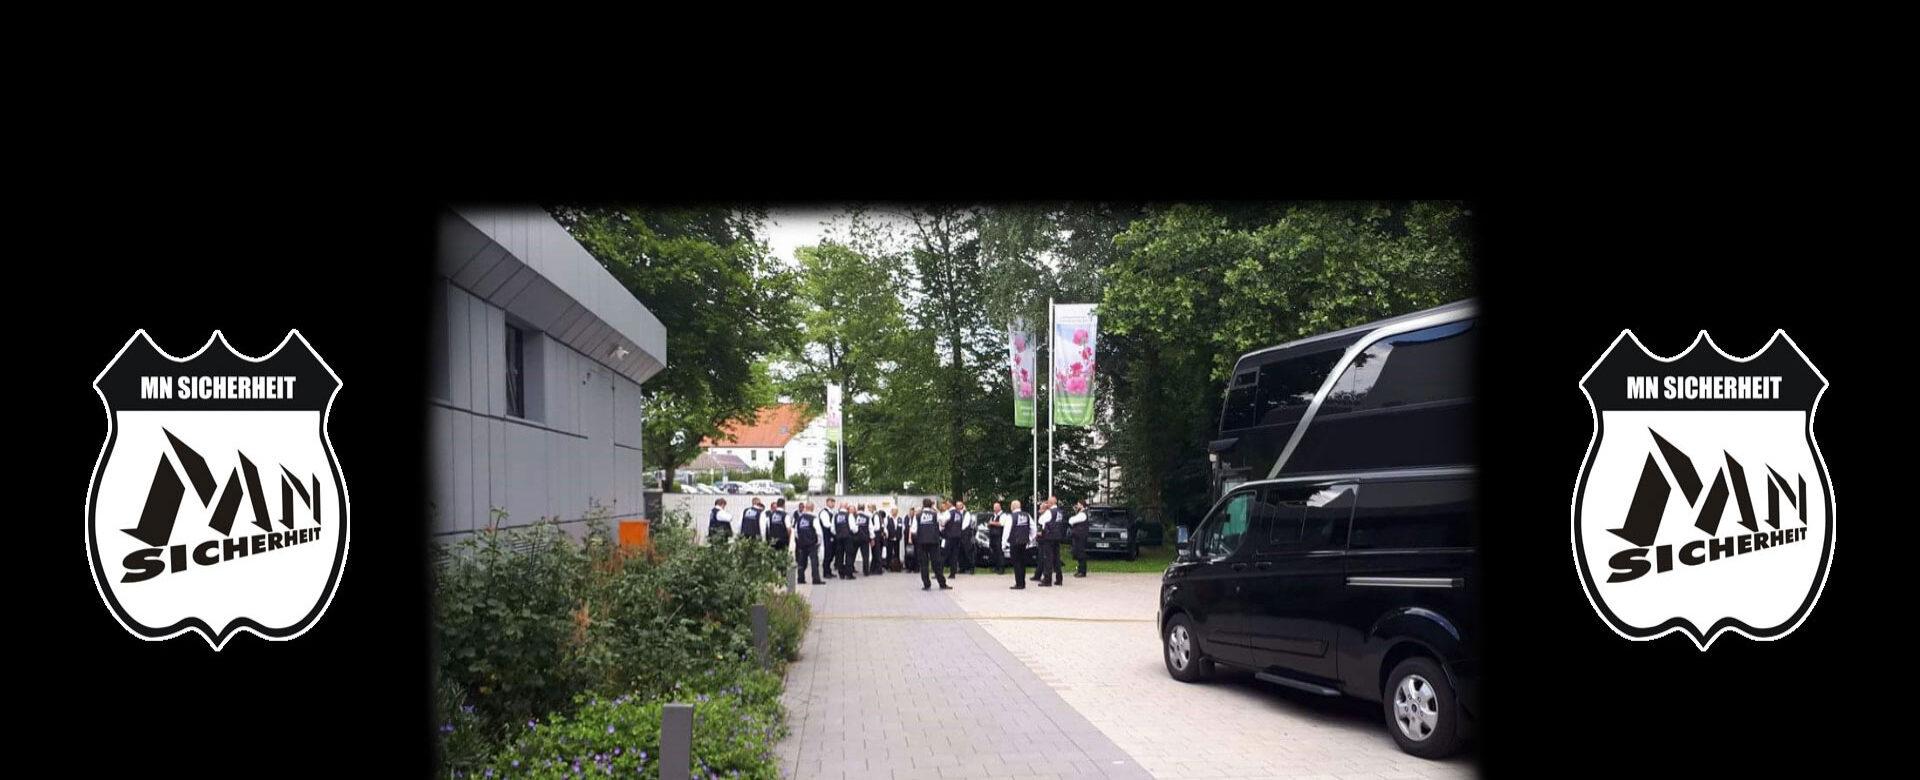 MN Sicherheit Paderborn